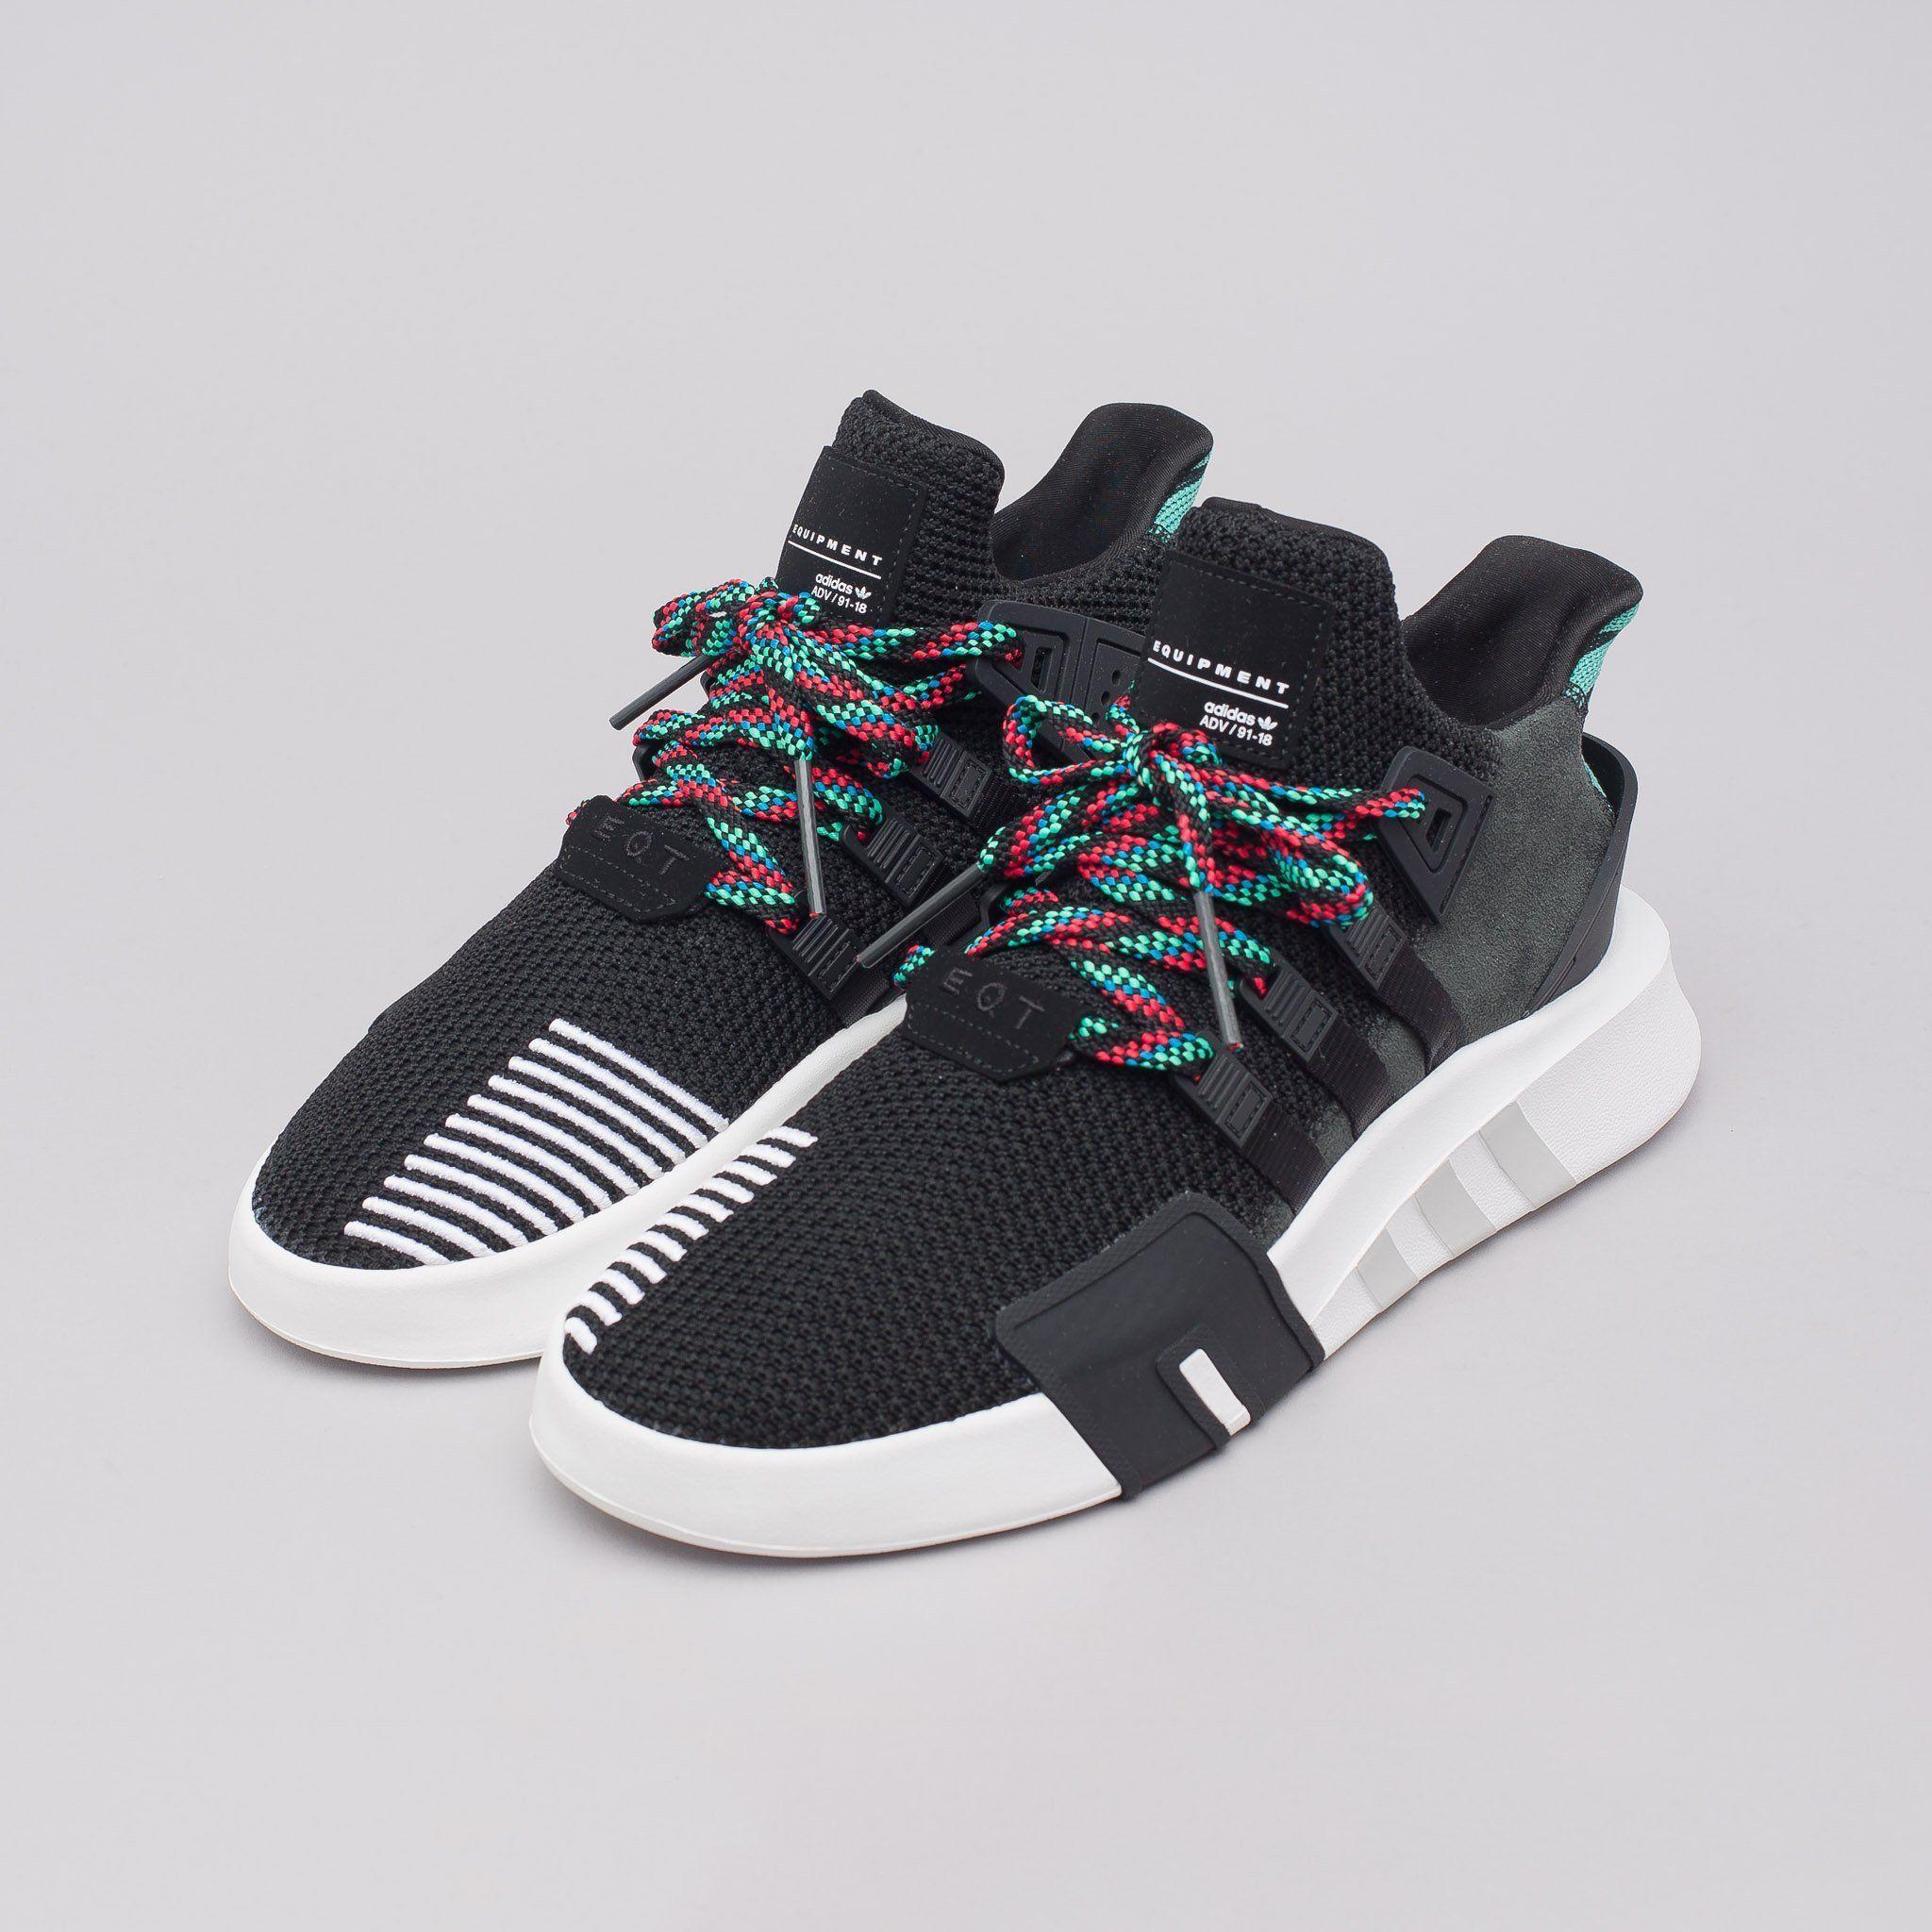 98914e43cc4 Discover ideas about Nike Sb. The adidas EQT ADV ...